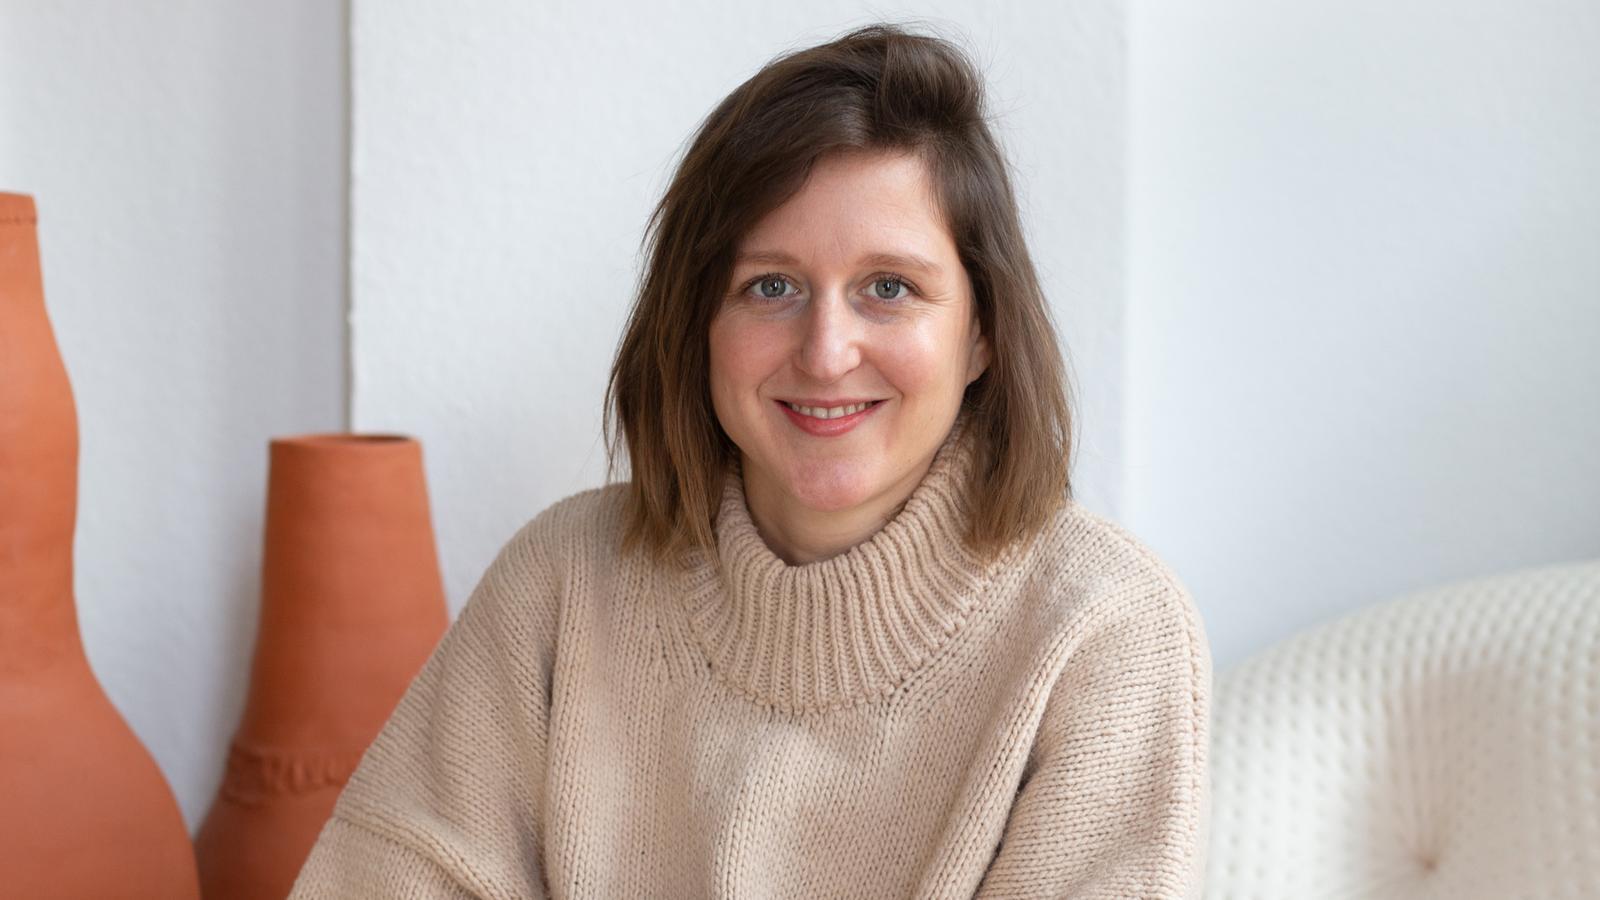 Stefanie Raffelsieper